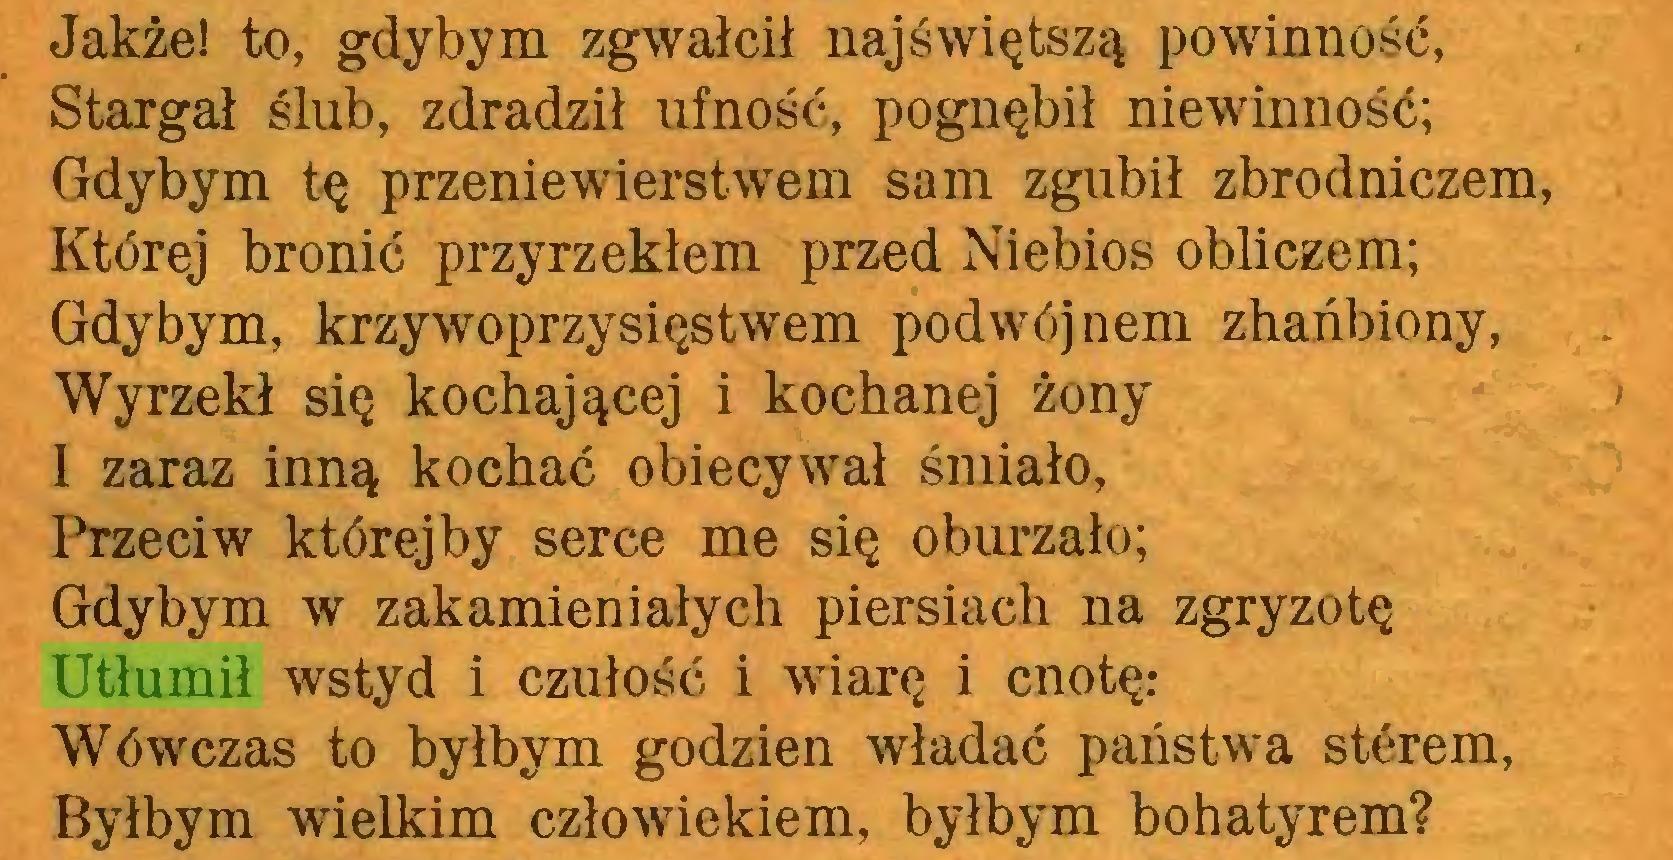 (...) Jakże! to, gdybym zgwałcił najświętszą powinność, Stargał ślub, zdradził ufność, pognębił niewinność; Gdybym tę przeniewierstwem sam zgubił zbrodniczem, Której bronić przyrzekłem przed Niebios obliczem; Gdybym, krzywoprzysięstwem podwój nem zhańbiony, Wyrzekł się kochającej i kochanej żony ' I zaraz inną kochać obiecywał śmiało, Przeciw której by serce me się oburzało; Gdybym w zakamieniałych piersiach na zgryzotę Utłumił wstyd i czułość i wiarę i cnotę: Wówczas to byłbym godzien władać państwa sterem, Byłbym wielkim człowiekiem, byłbym bohatyrem?...